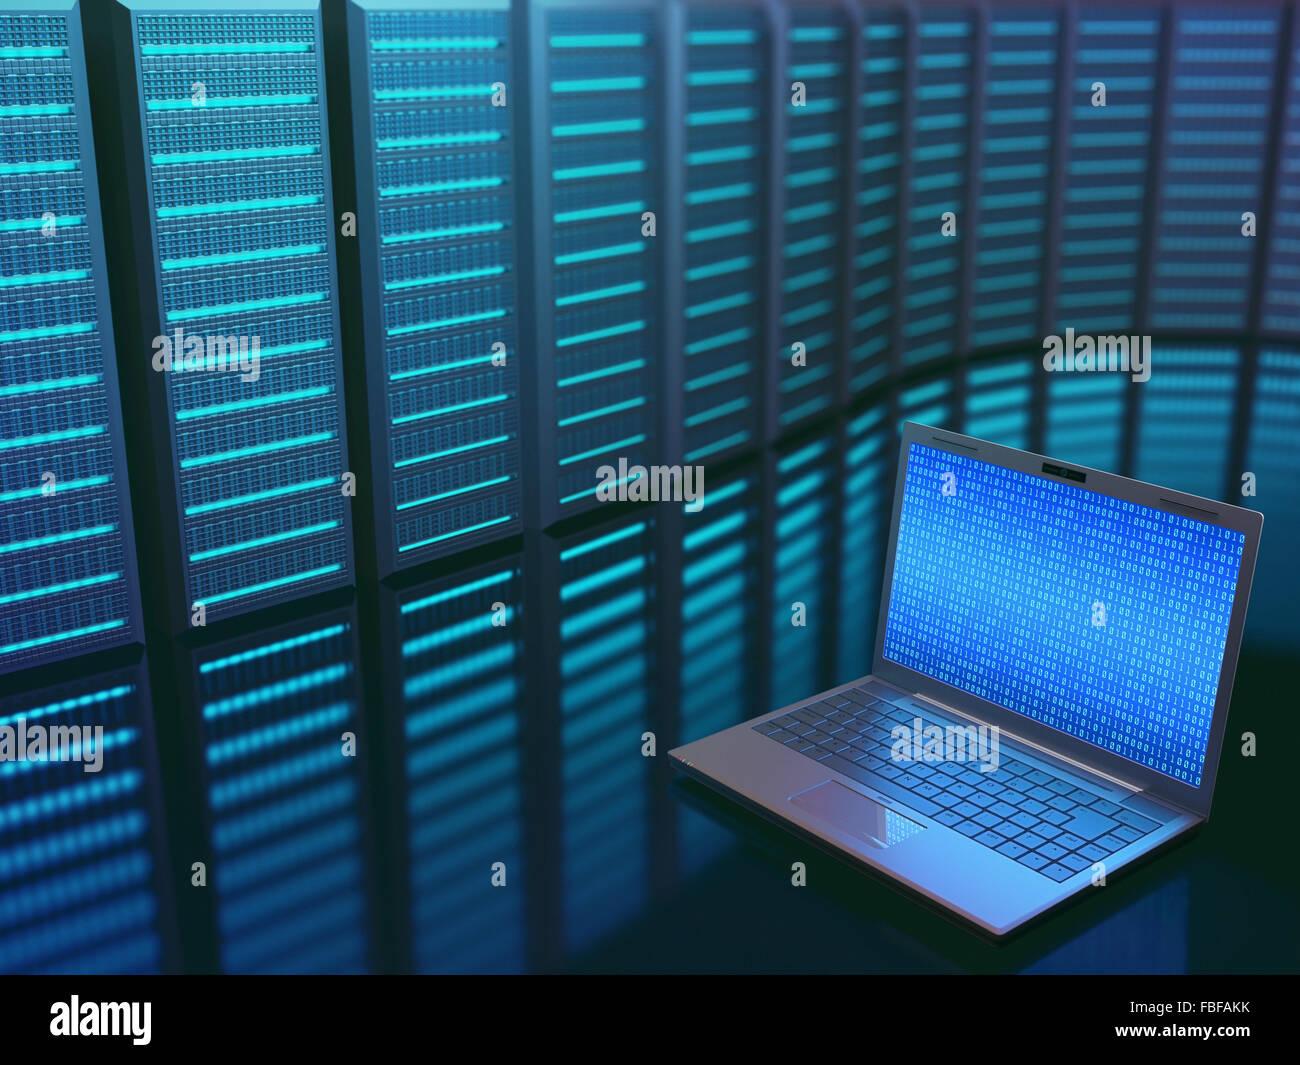 Concepto de imagen de la tecnología y ciencia de la información digital. Una laptop en frente de varios Imagen De Stock